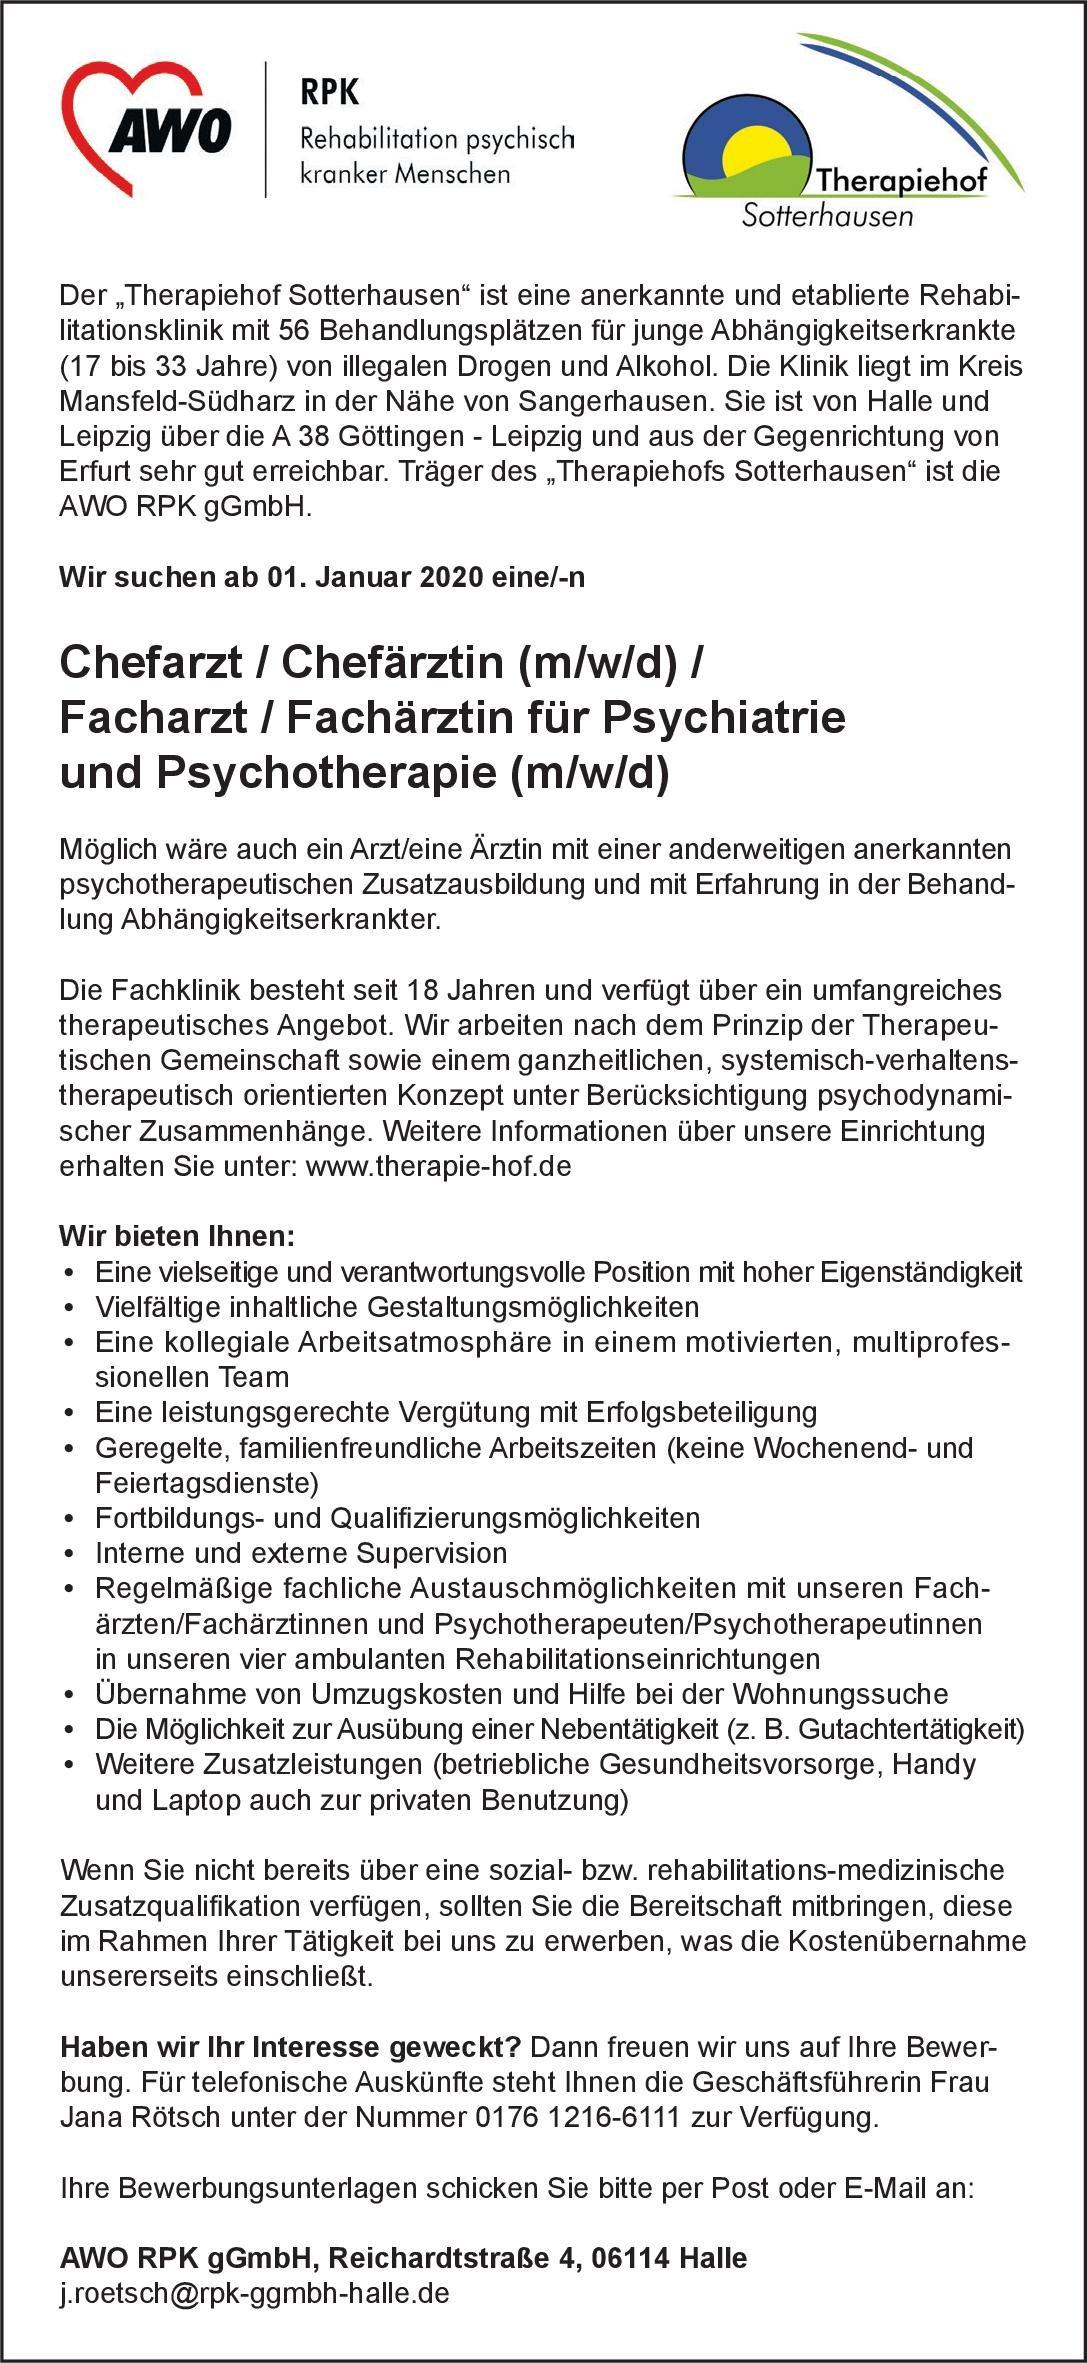 AWO RPK gGmbH Chefarzt / Chefärztin (m/w/d) /Facharzt / Fachärztin für Psychiatrieund Psychotherapie (m/w/d)  Psychiatrie und Psychotherapie, Psychiatrie und Psychotherapie Arzt / Facharzt, Chefarzt